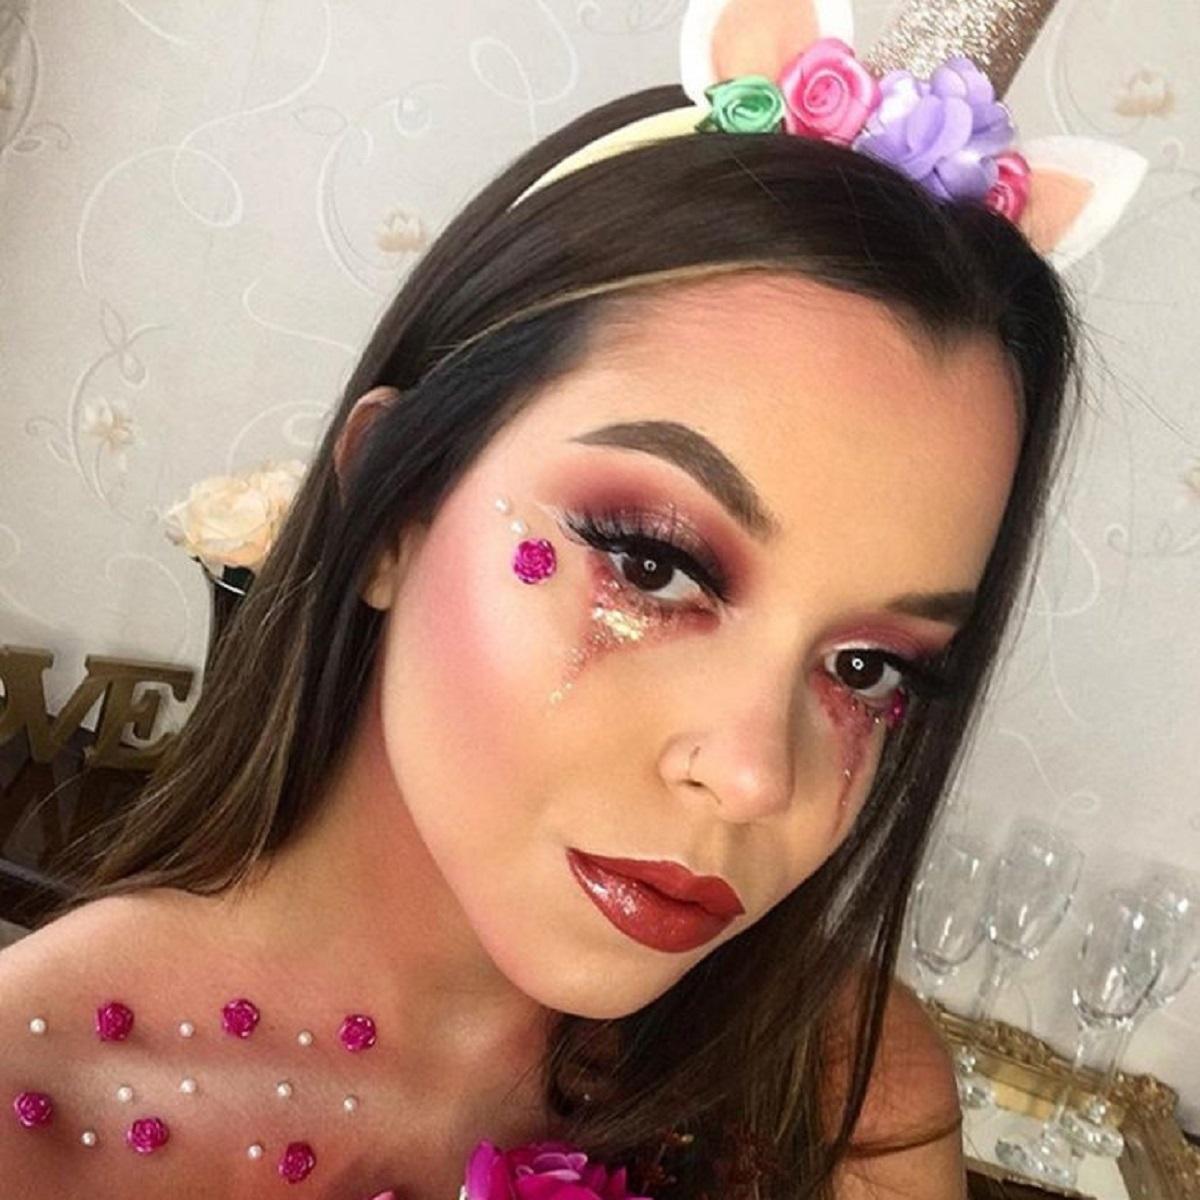 2 7 - 10 ideias INCRÍVEIS de maquiagem para você arrasar nesse Carnaval